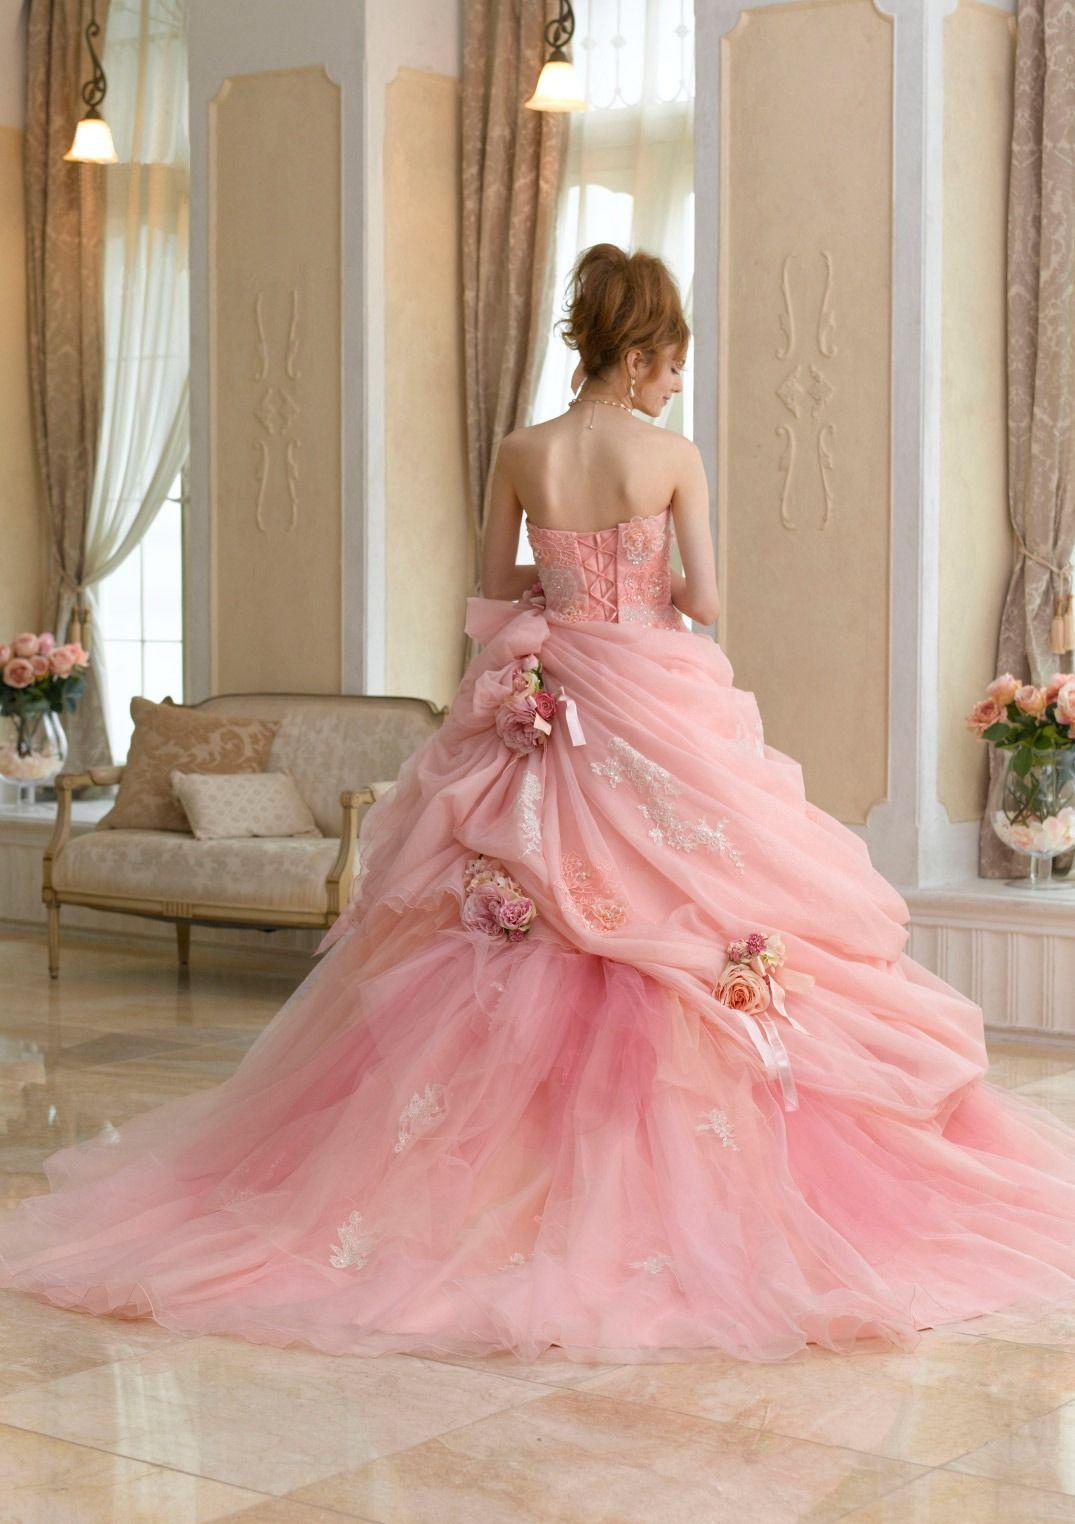 Pink and ivory wedding dress  dballdress ballgown  D R E S S E S  Pinterest  Gowns Princess